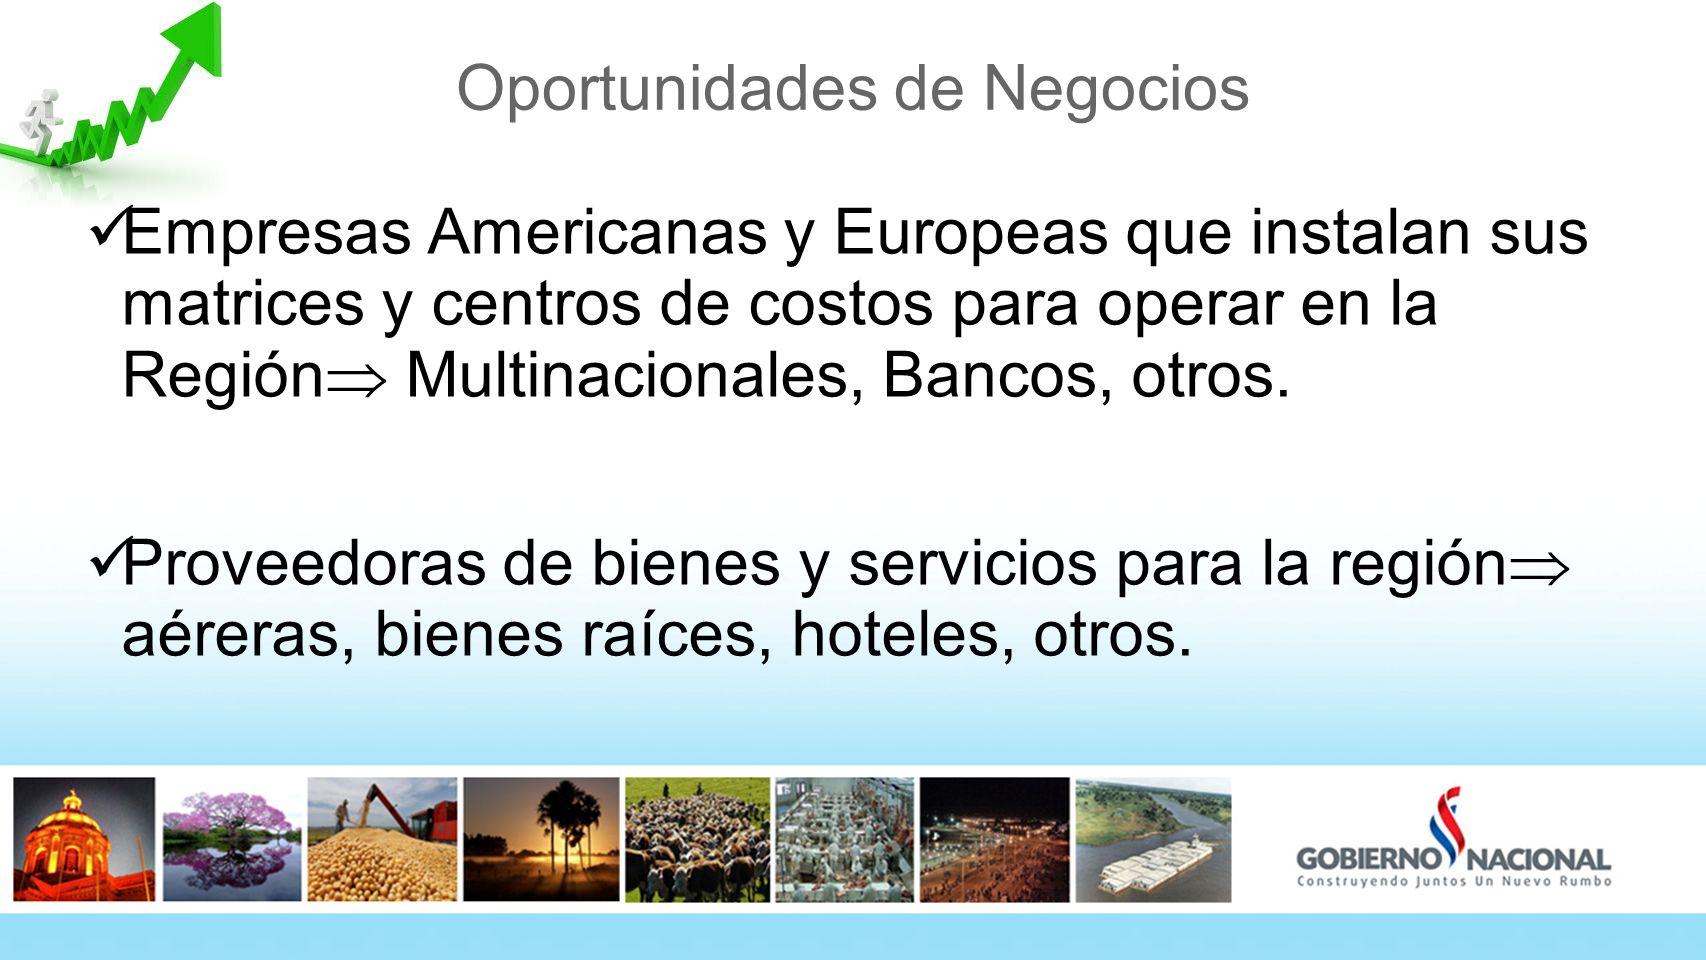 Oportunidades de Negocios Empresas Americanas y Europeas que instalan sus matrices y centros de costos para operar en la Región Multinacionales, Banco